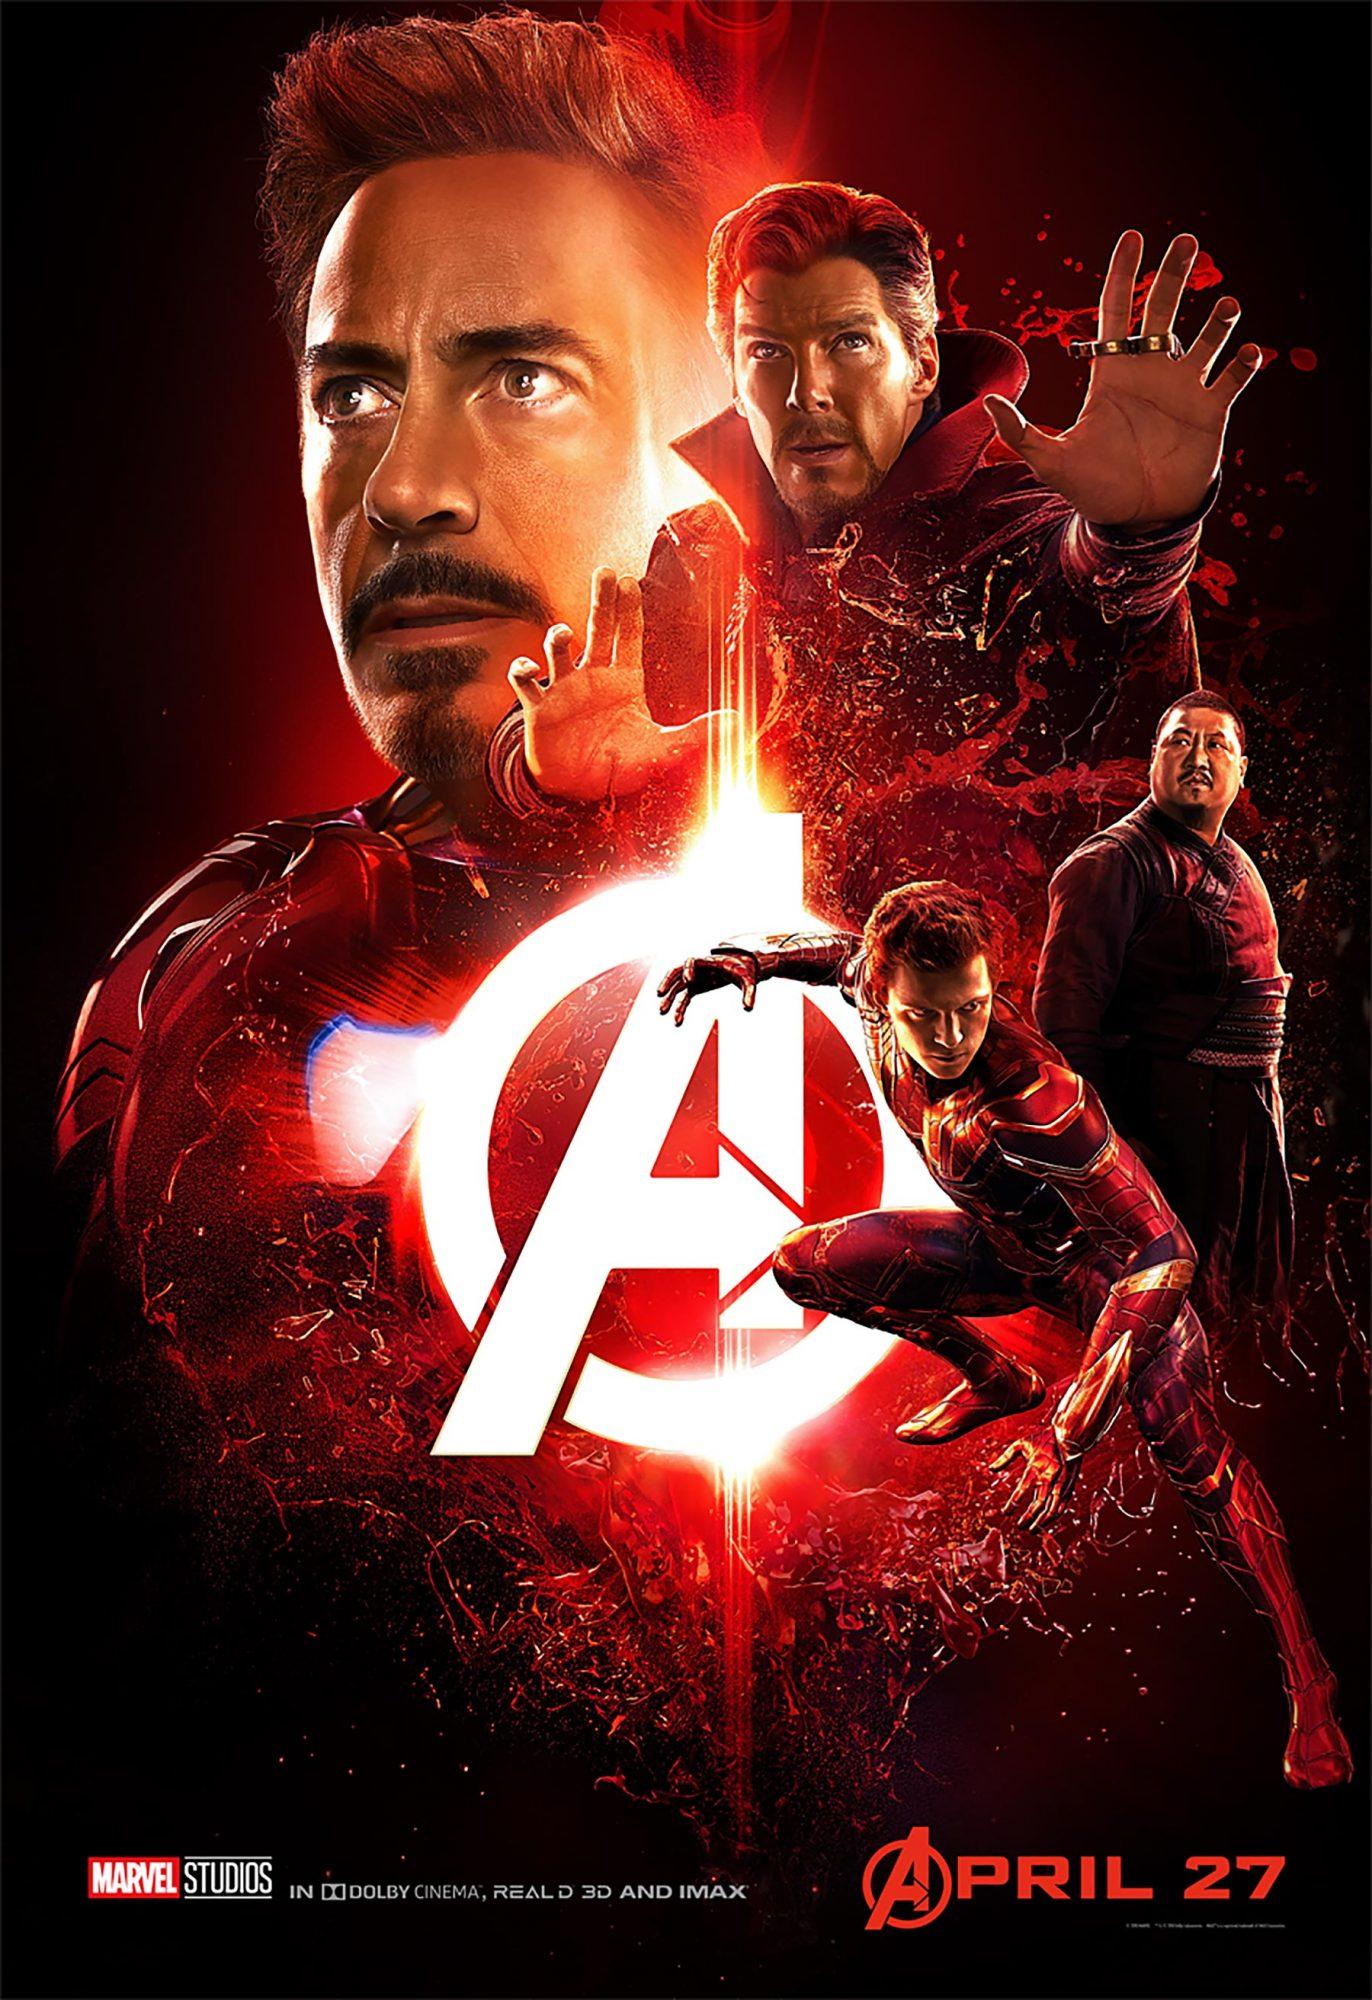 Avengers posters CR: Marvel Studios